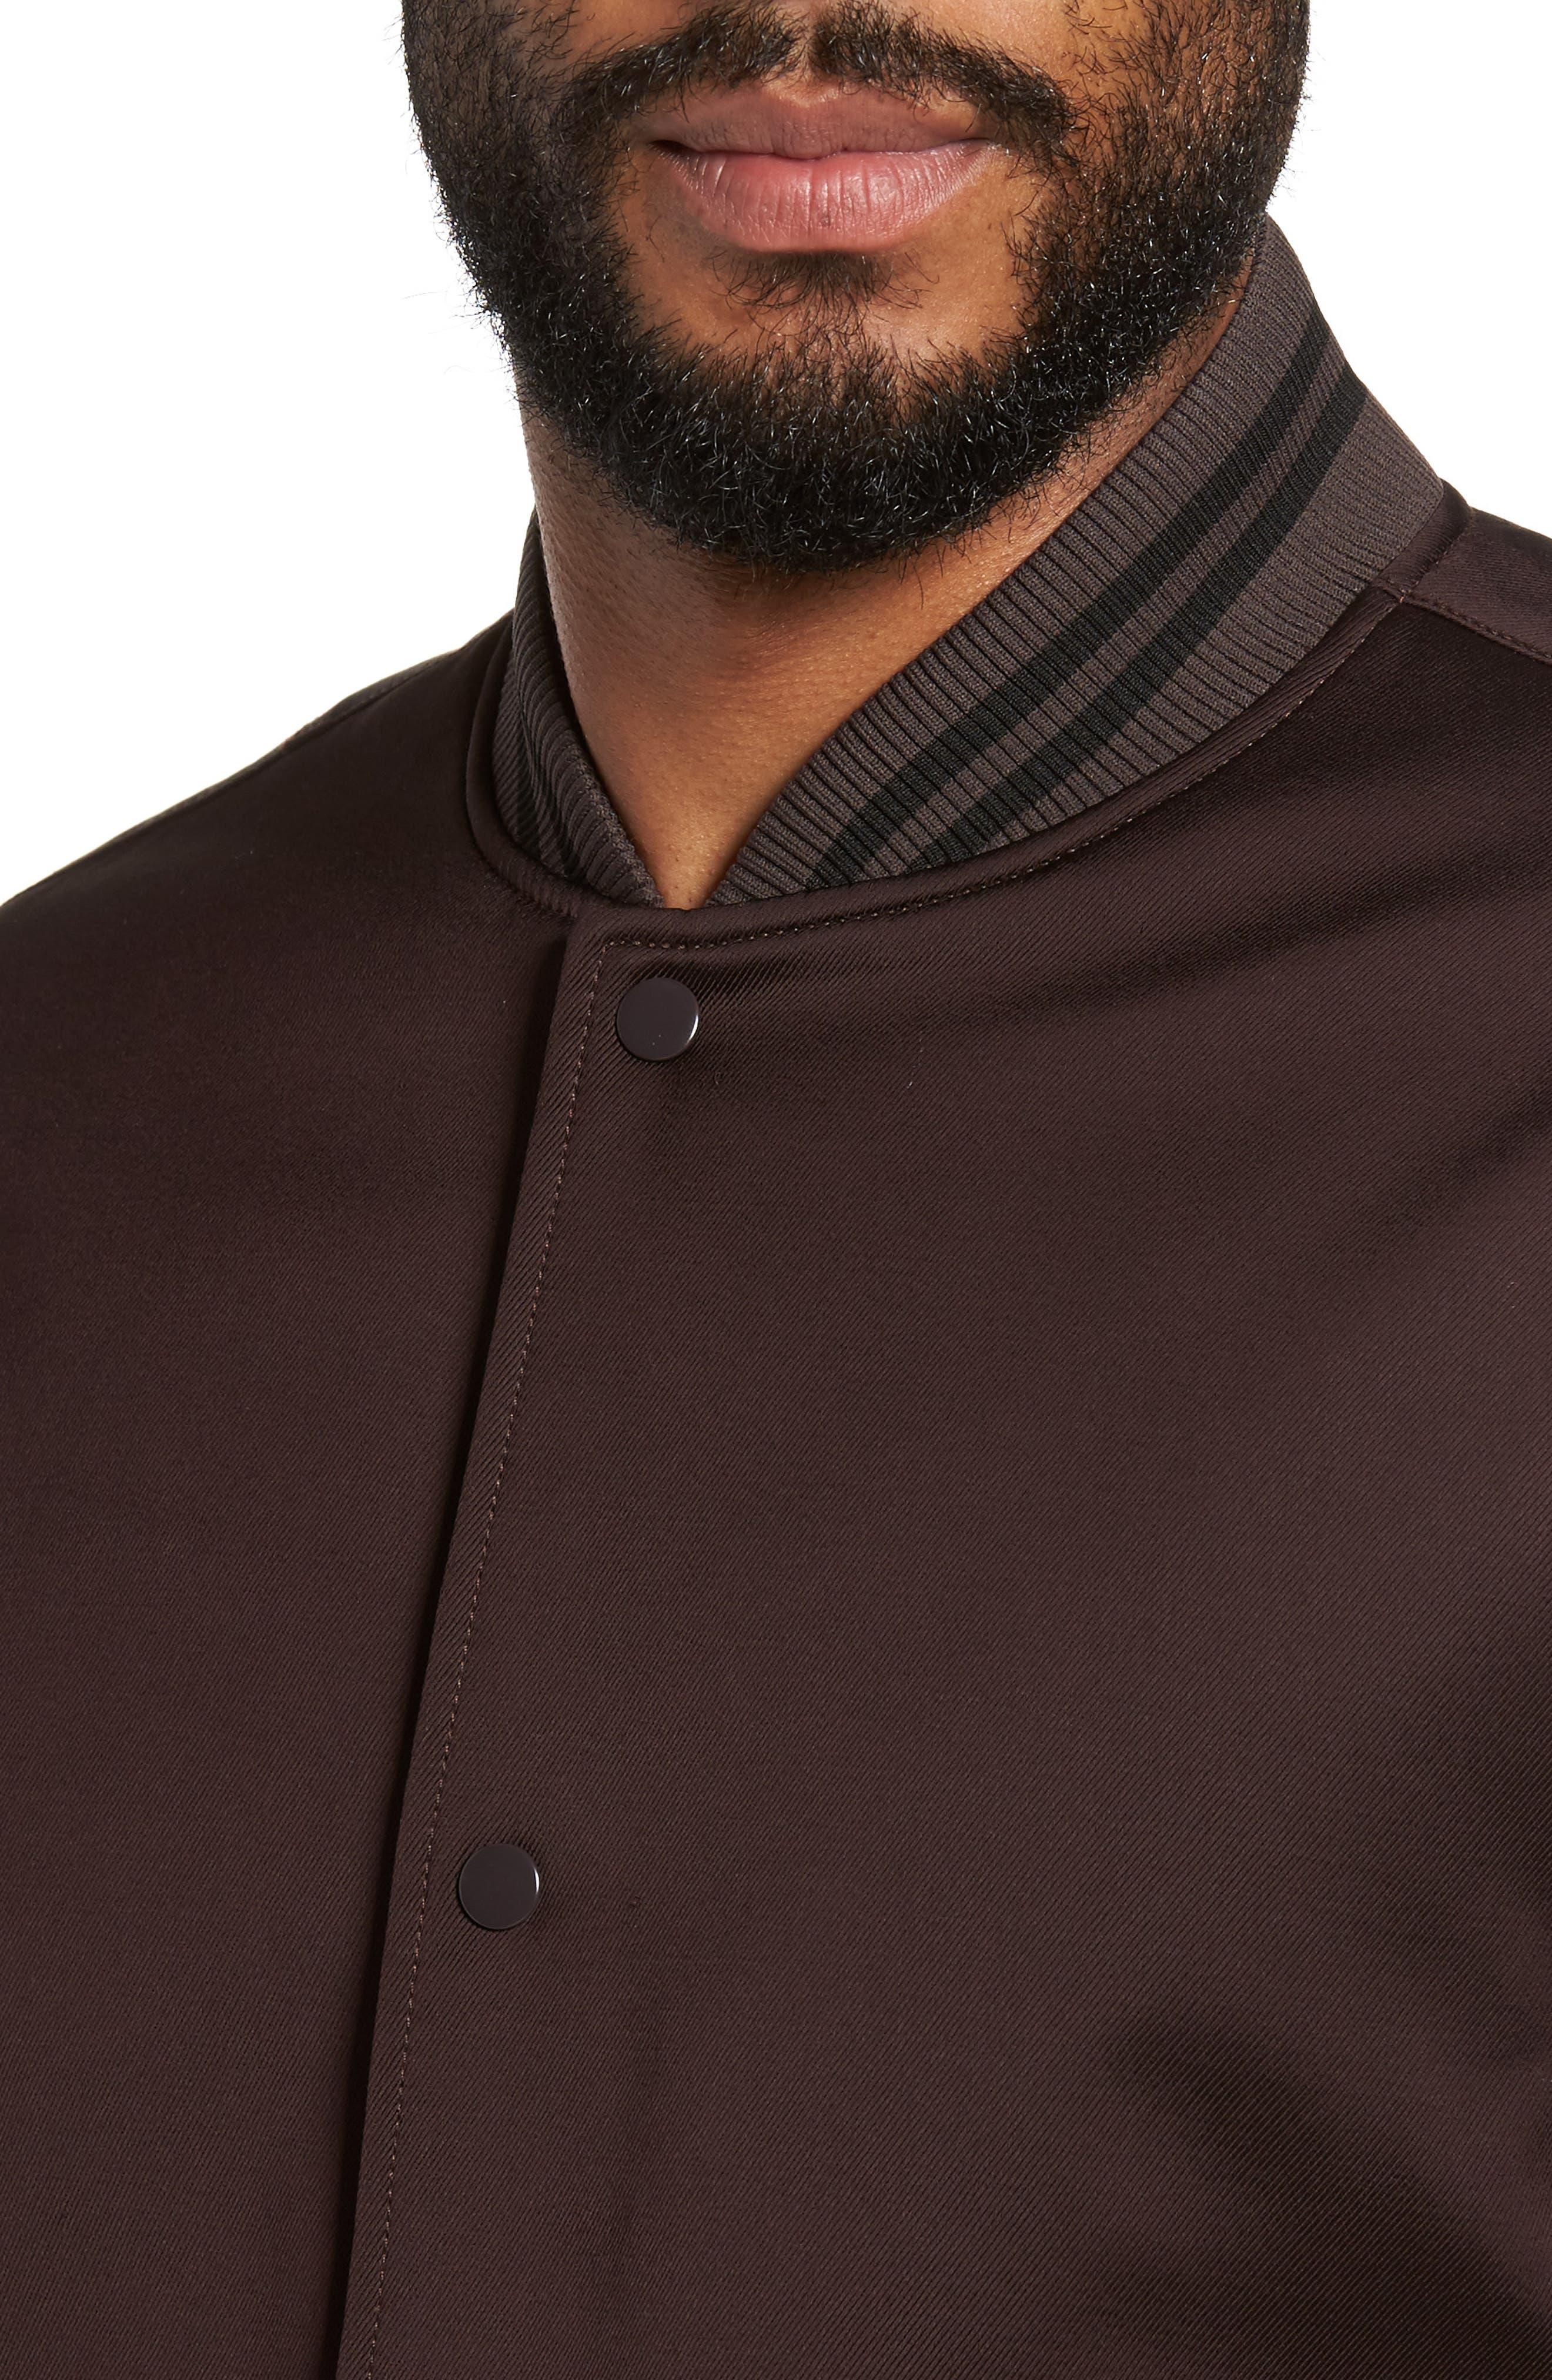 Varsity Jacket,                             Alternate thumbnail 4, color,                             Zinfandel